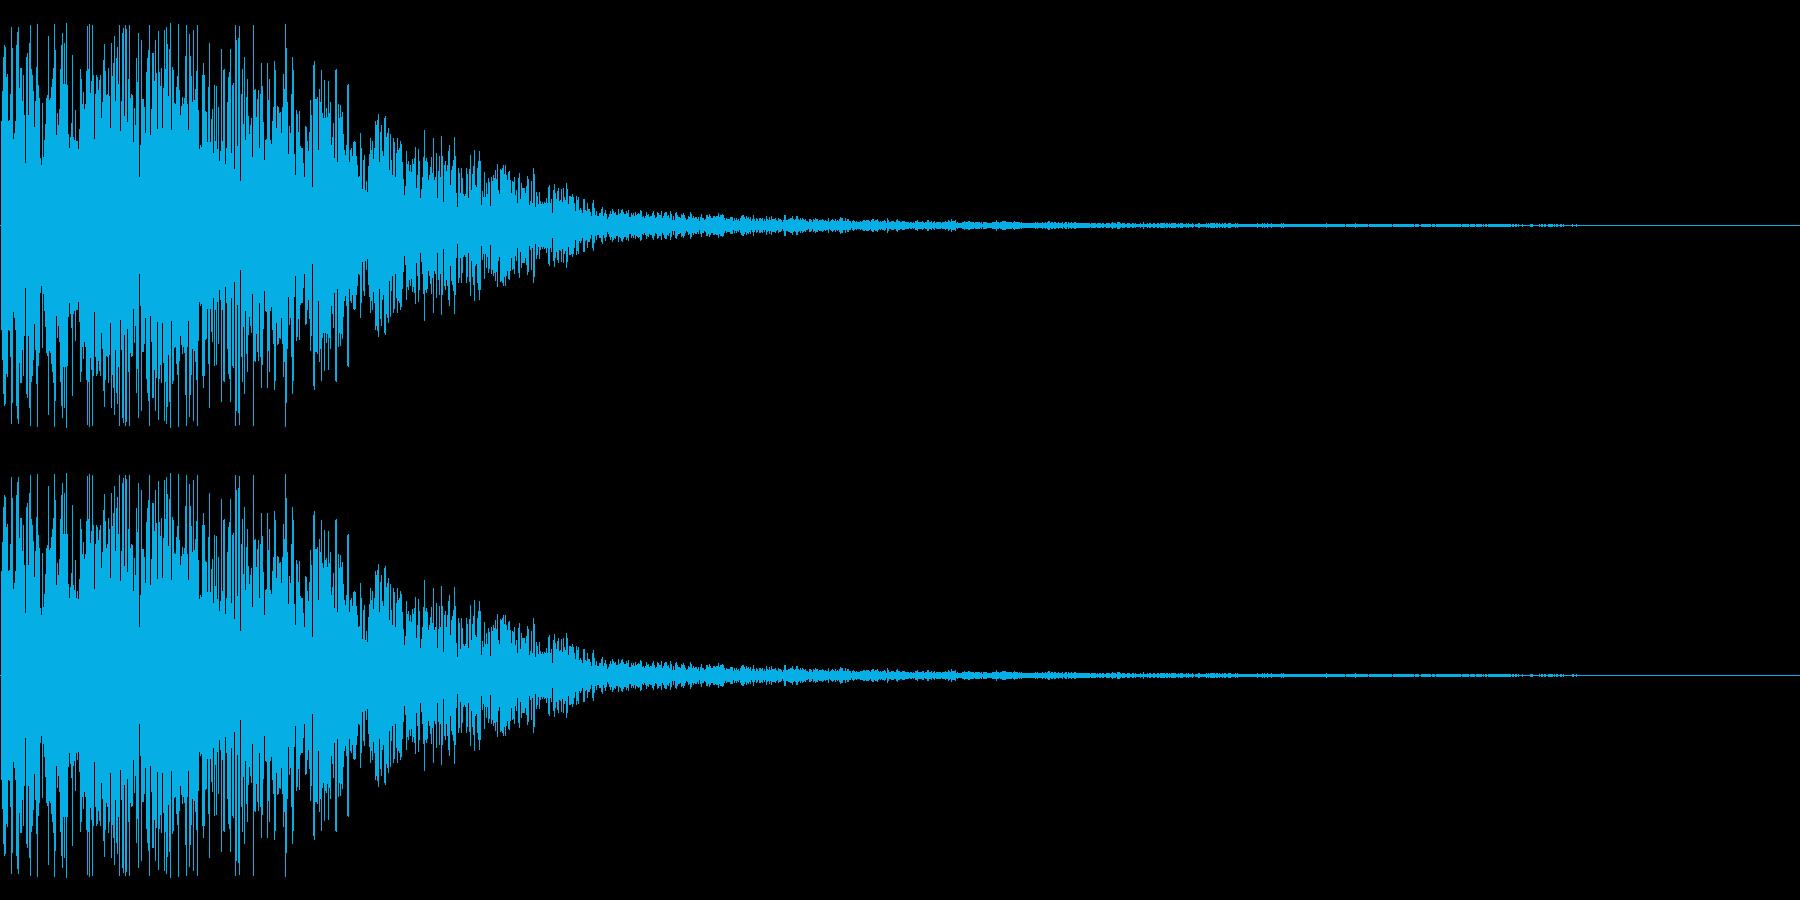 アニメにありそうなインパクト音(金属音)の再生済みの波形